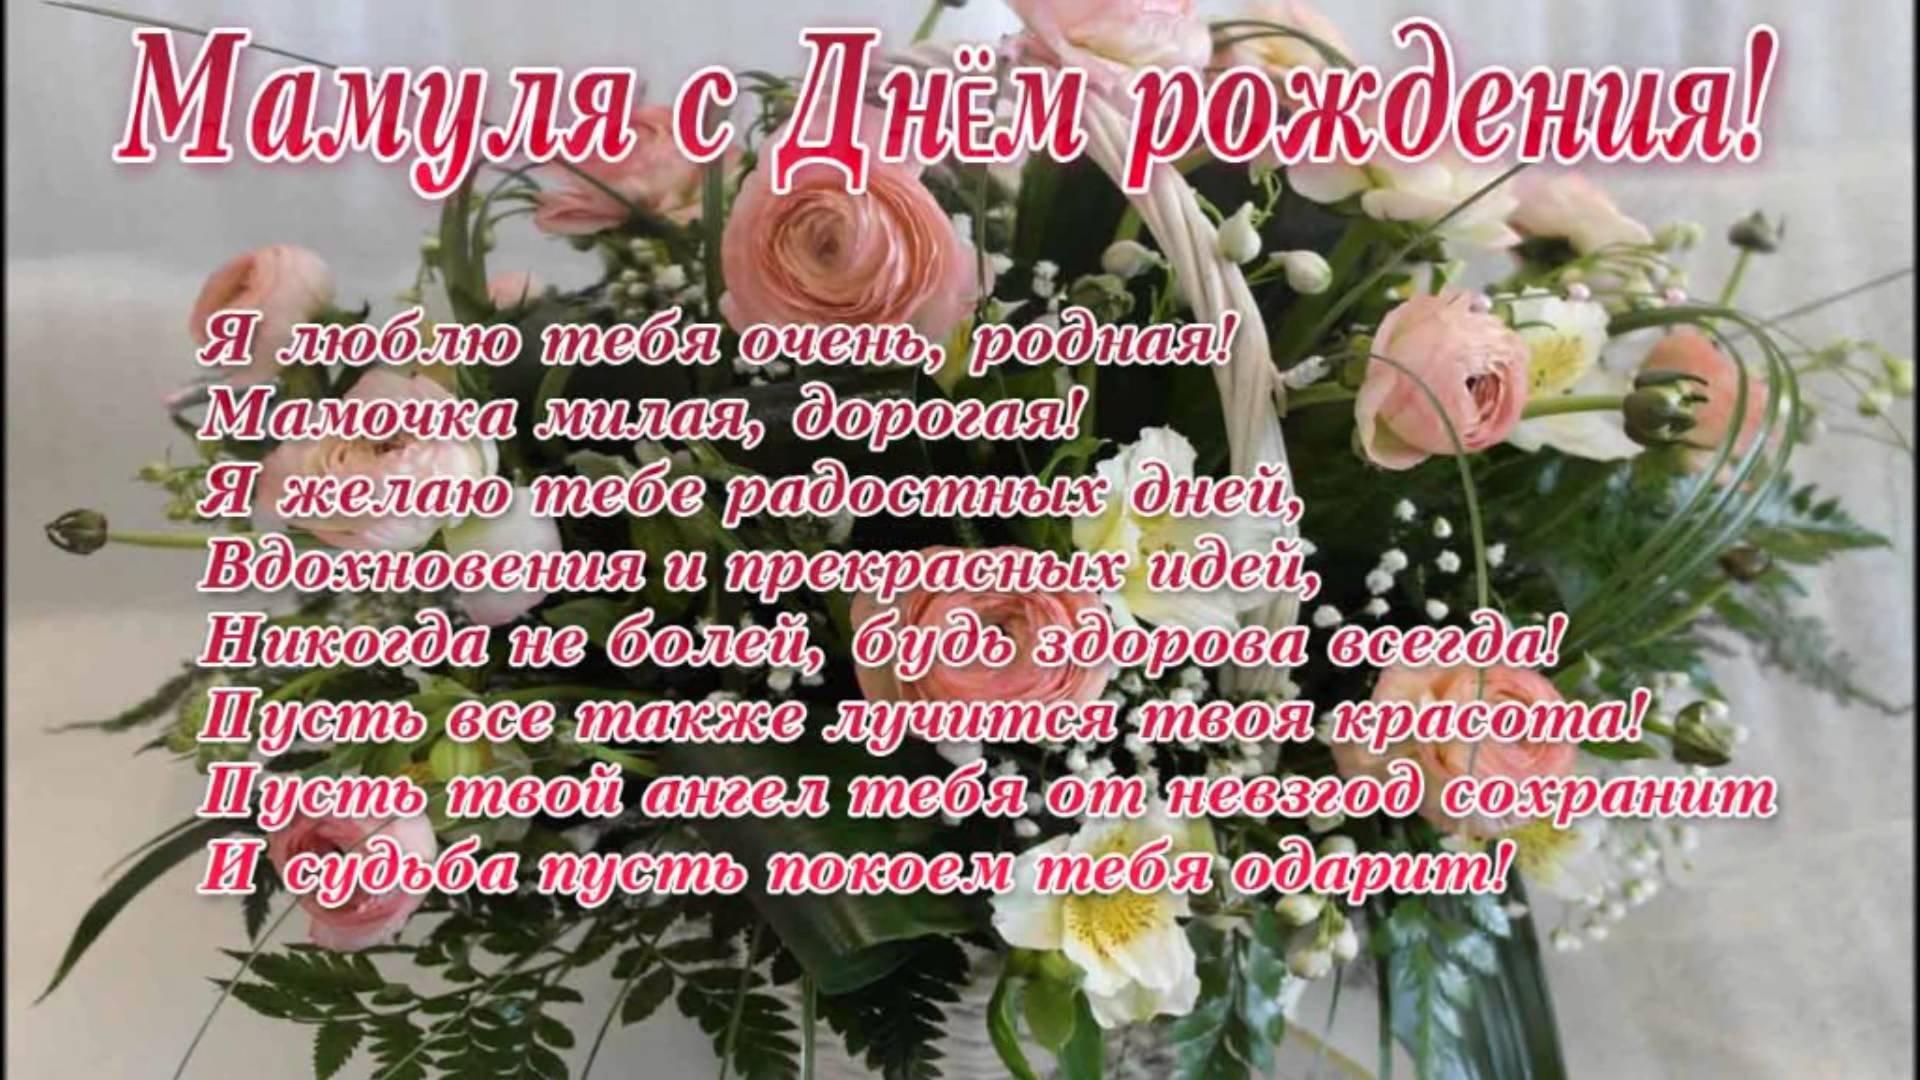 Поздравление мамочке на день рождения своими словами